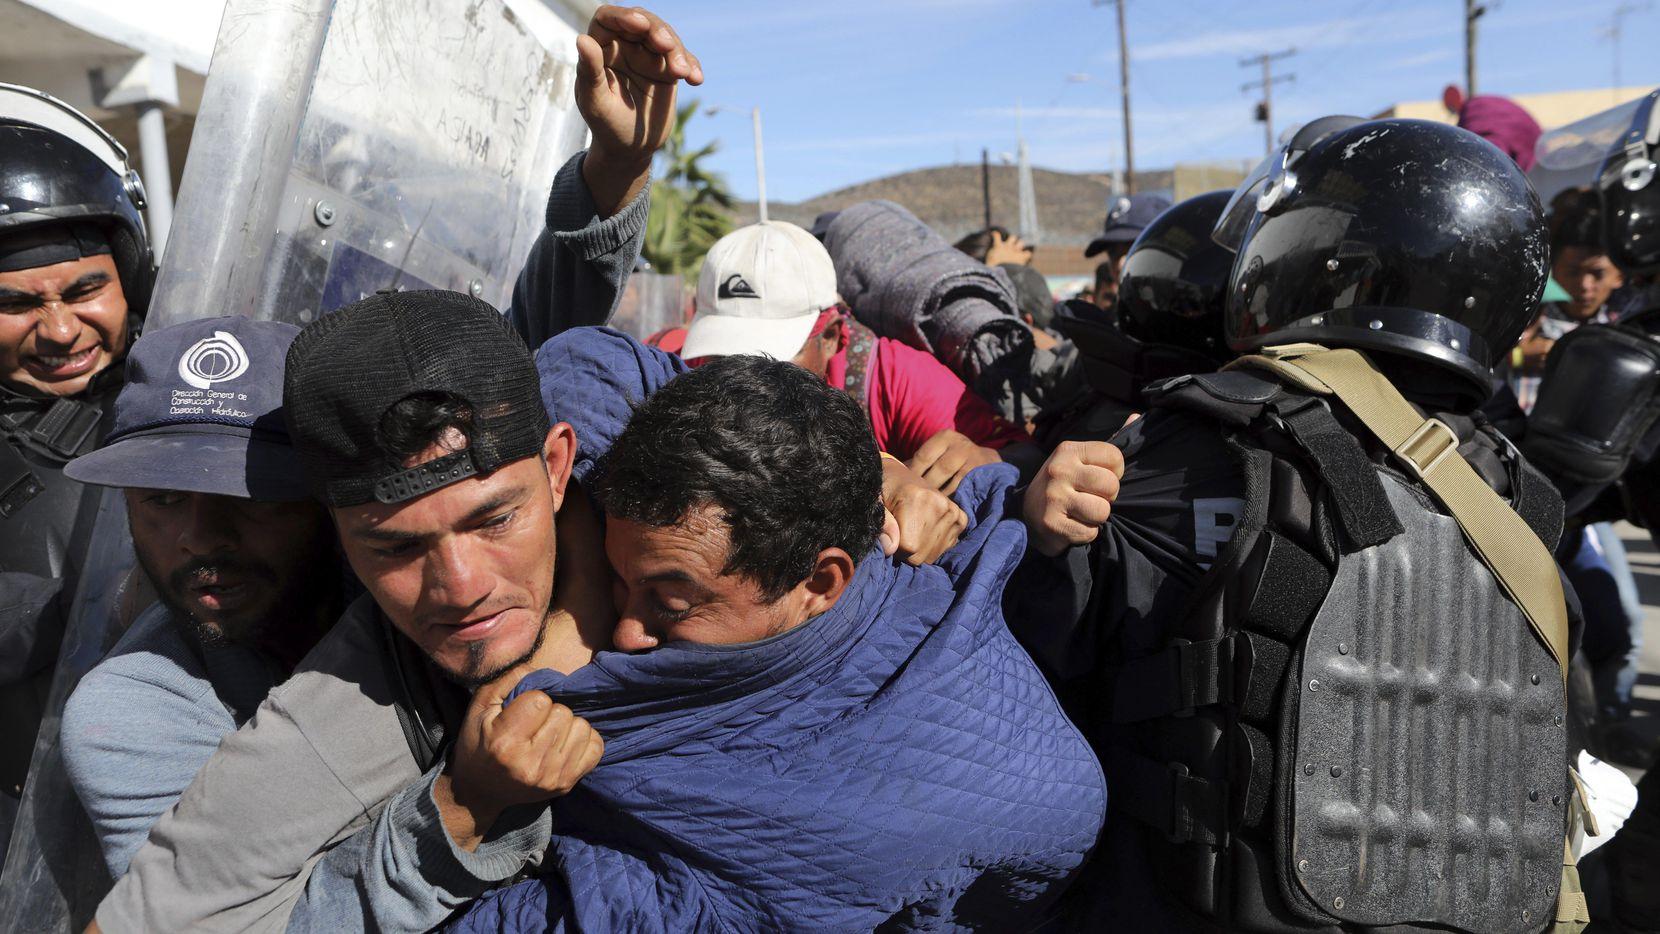 Migrantes de Centroamérica se enfrentaron con la policía de México en la zona fronteriza entre Tijuana y San Ysidio, California.(AP)